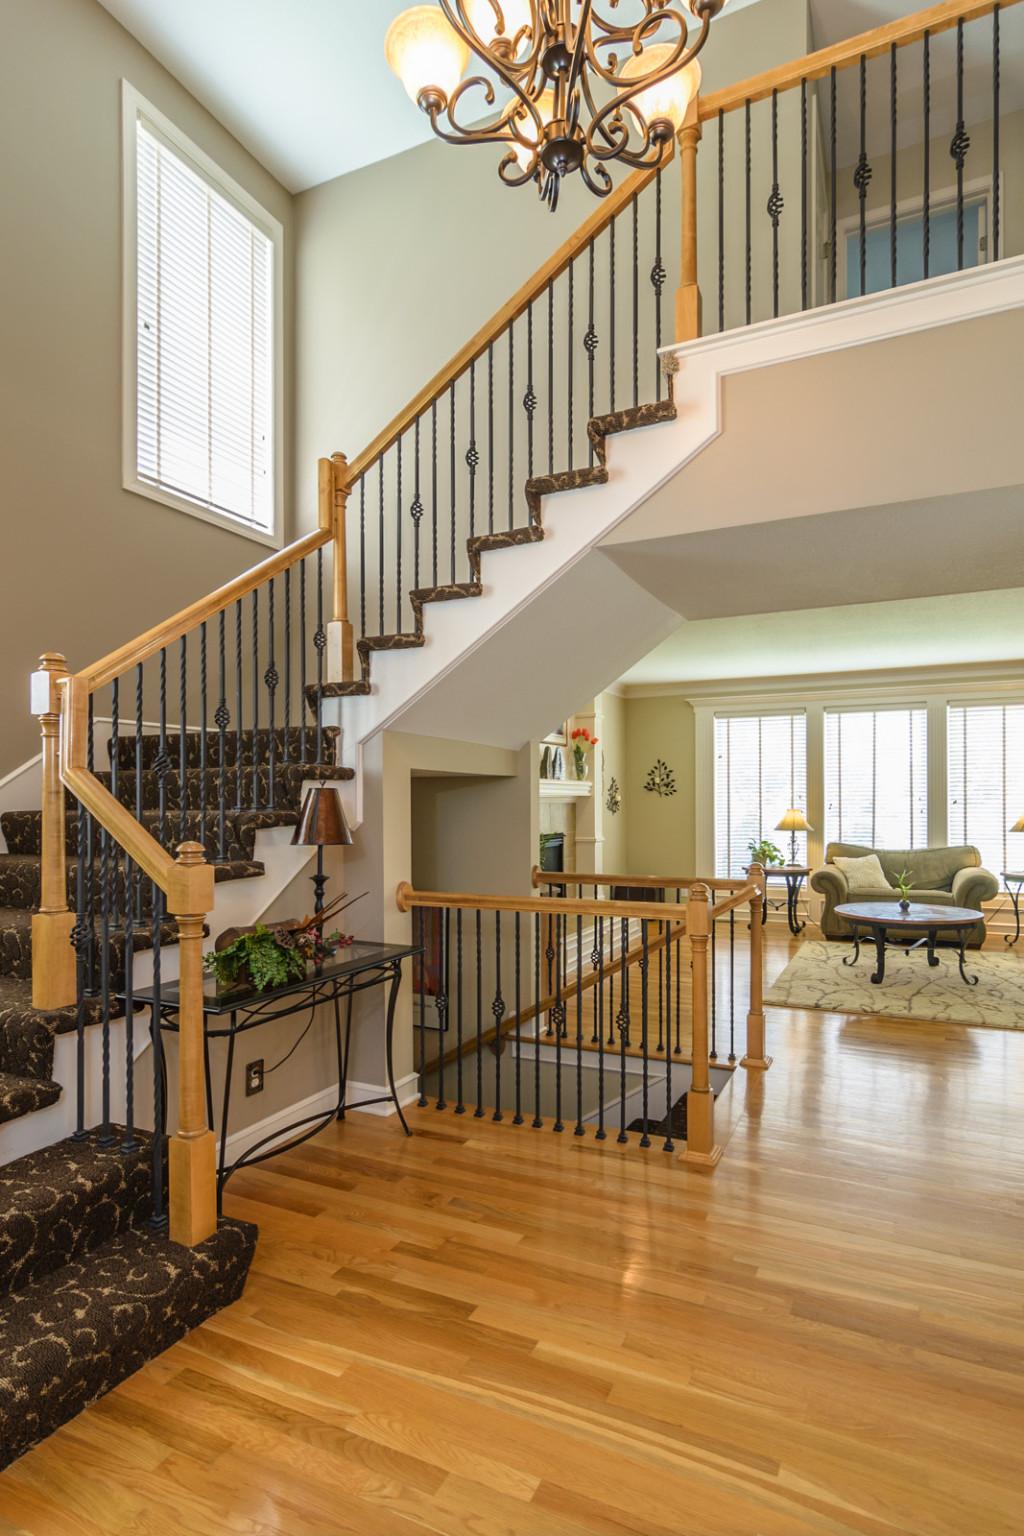 olathe real estate stairs photo1